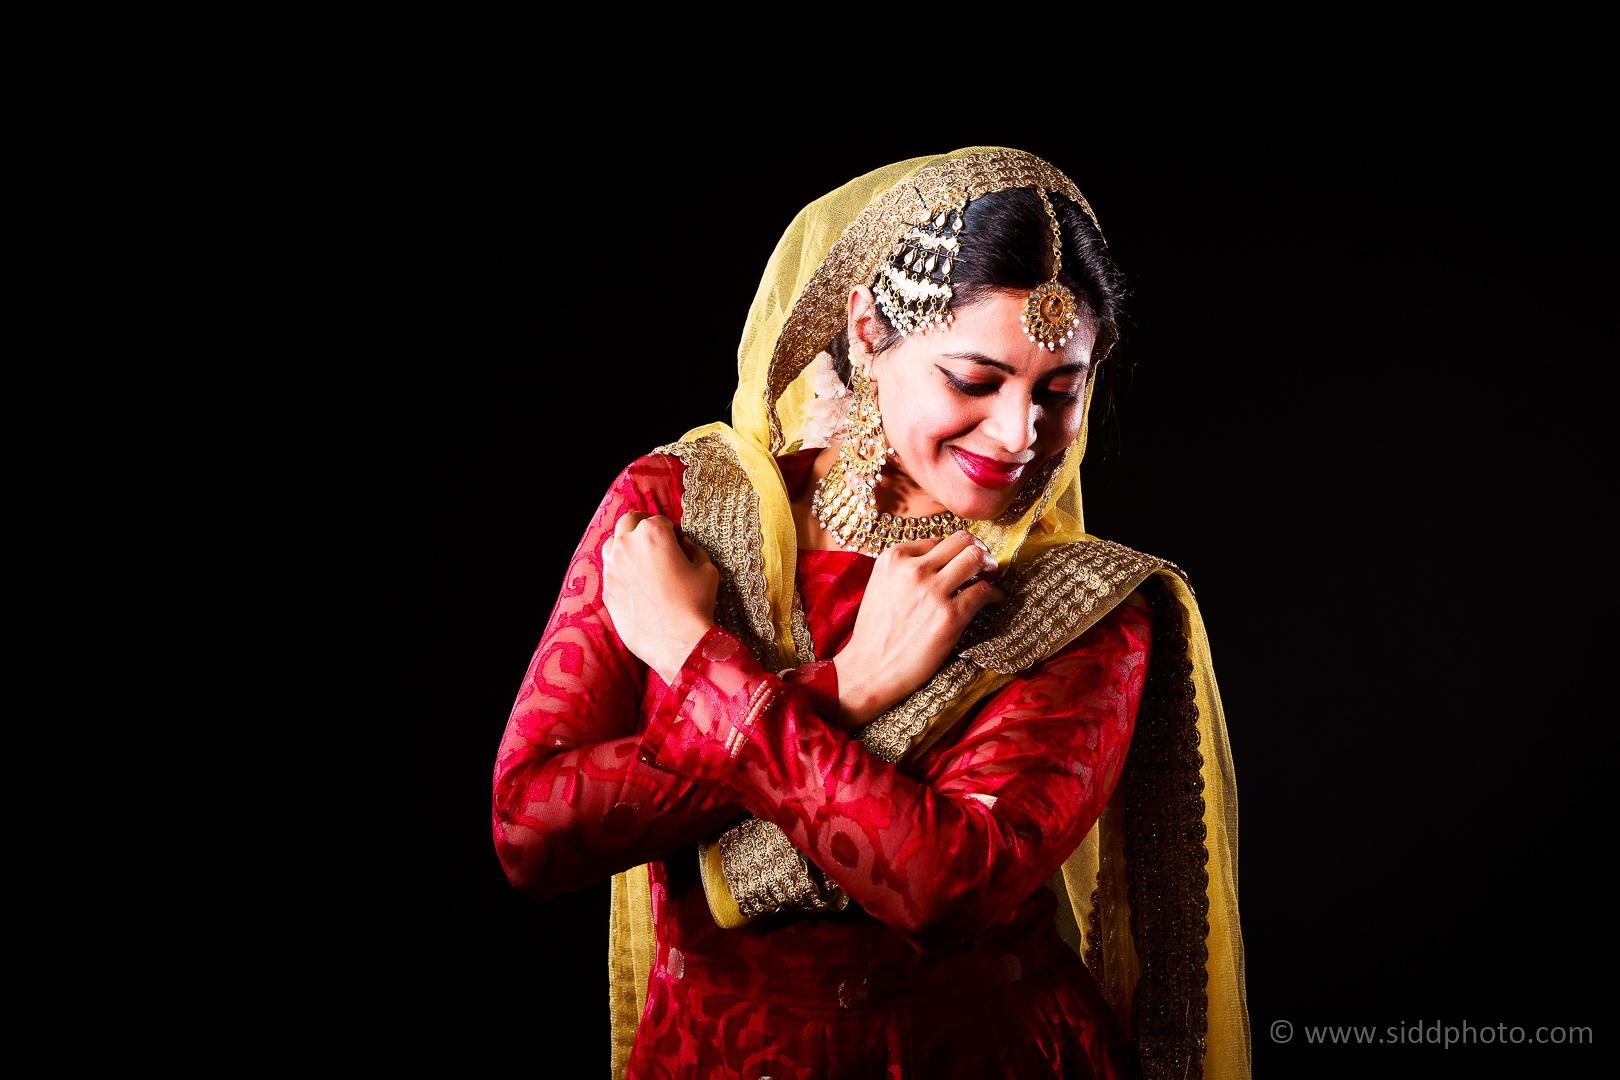 2012-04-21 - Antara Dutta Katthak Photoshoot - EO5C9950-16